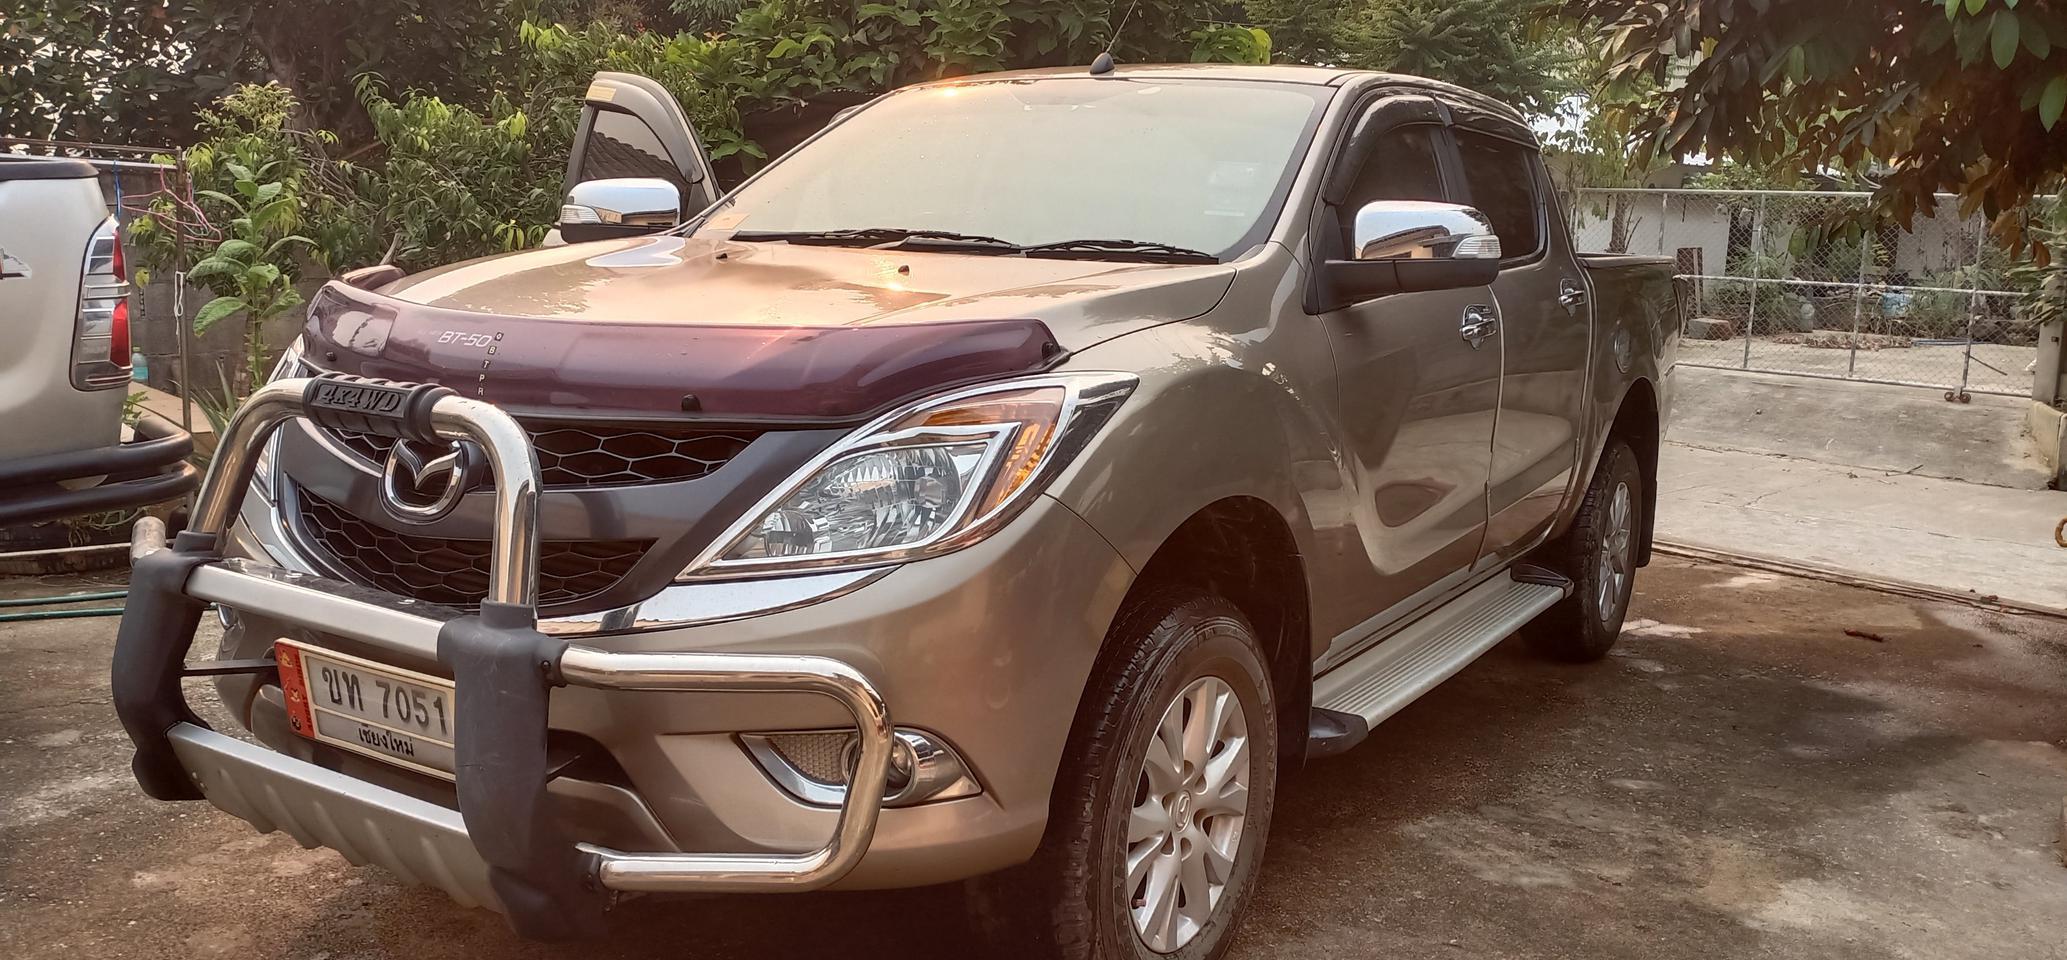 ขายรถมาสด้า บีทีโปร-50  ปี 2012 รูปที่ 1